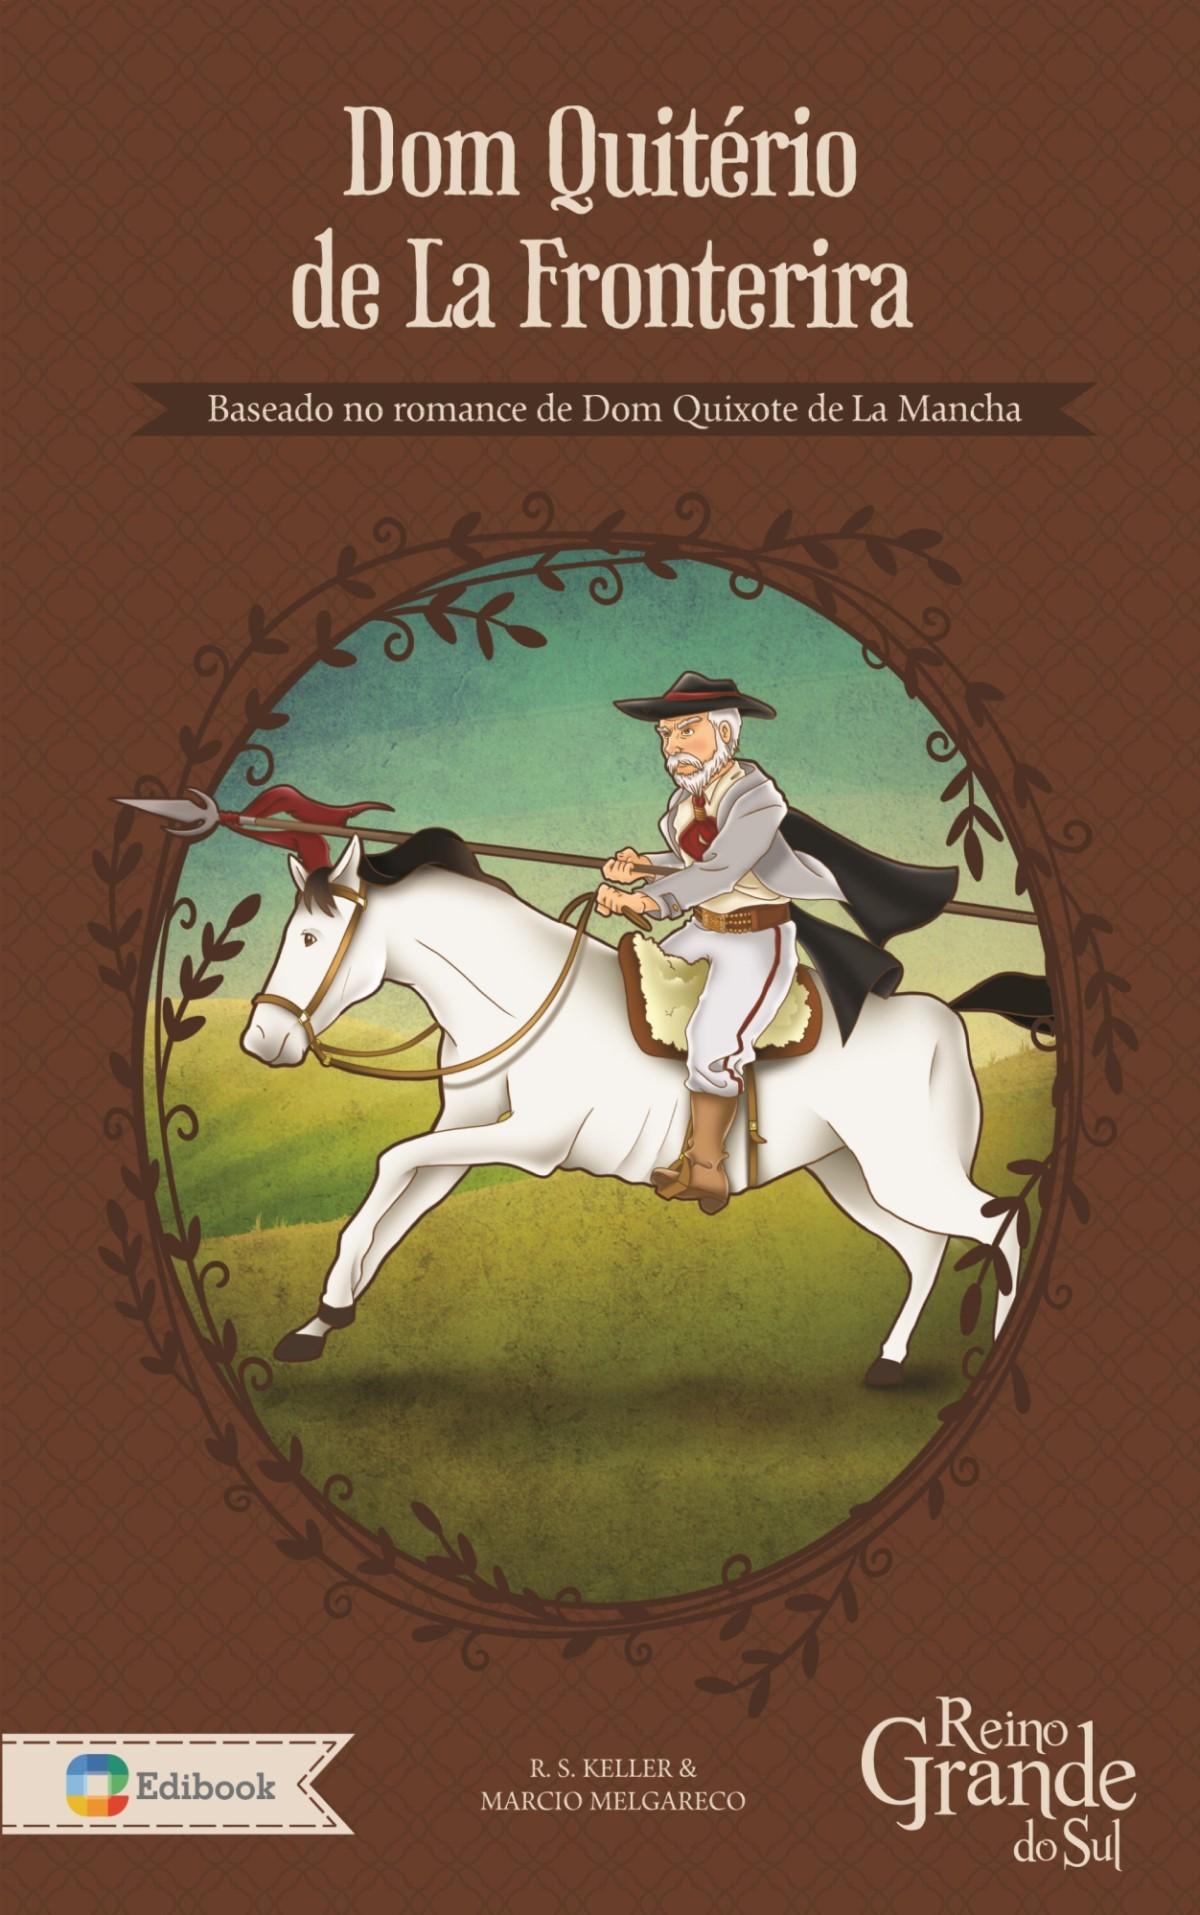 DOM QUITÉRIO DE LA FRONTEIRA